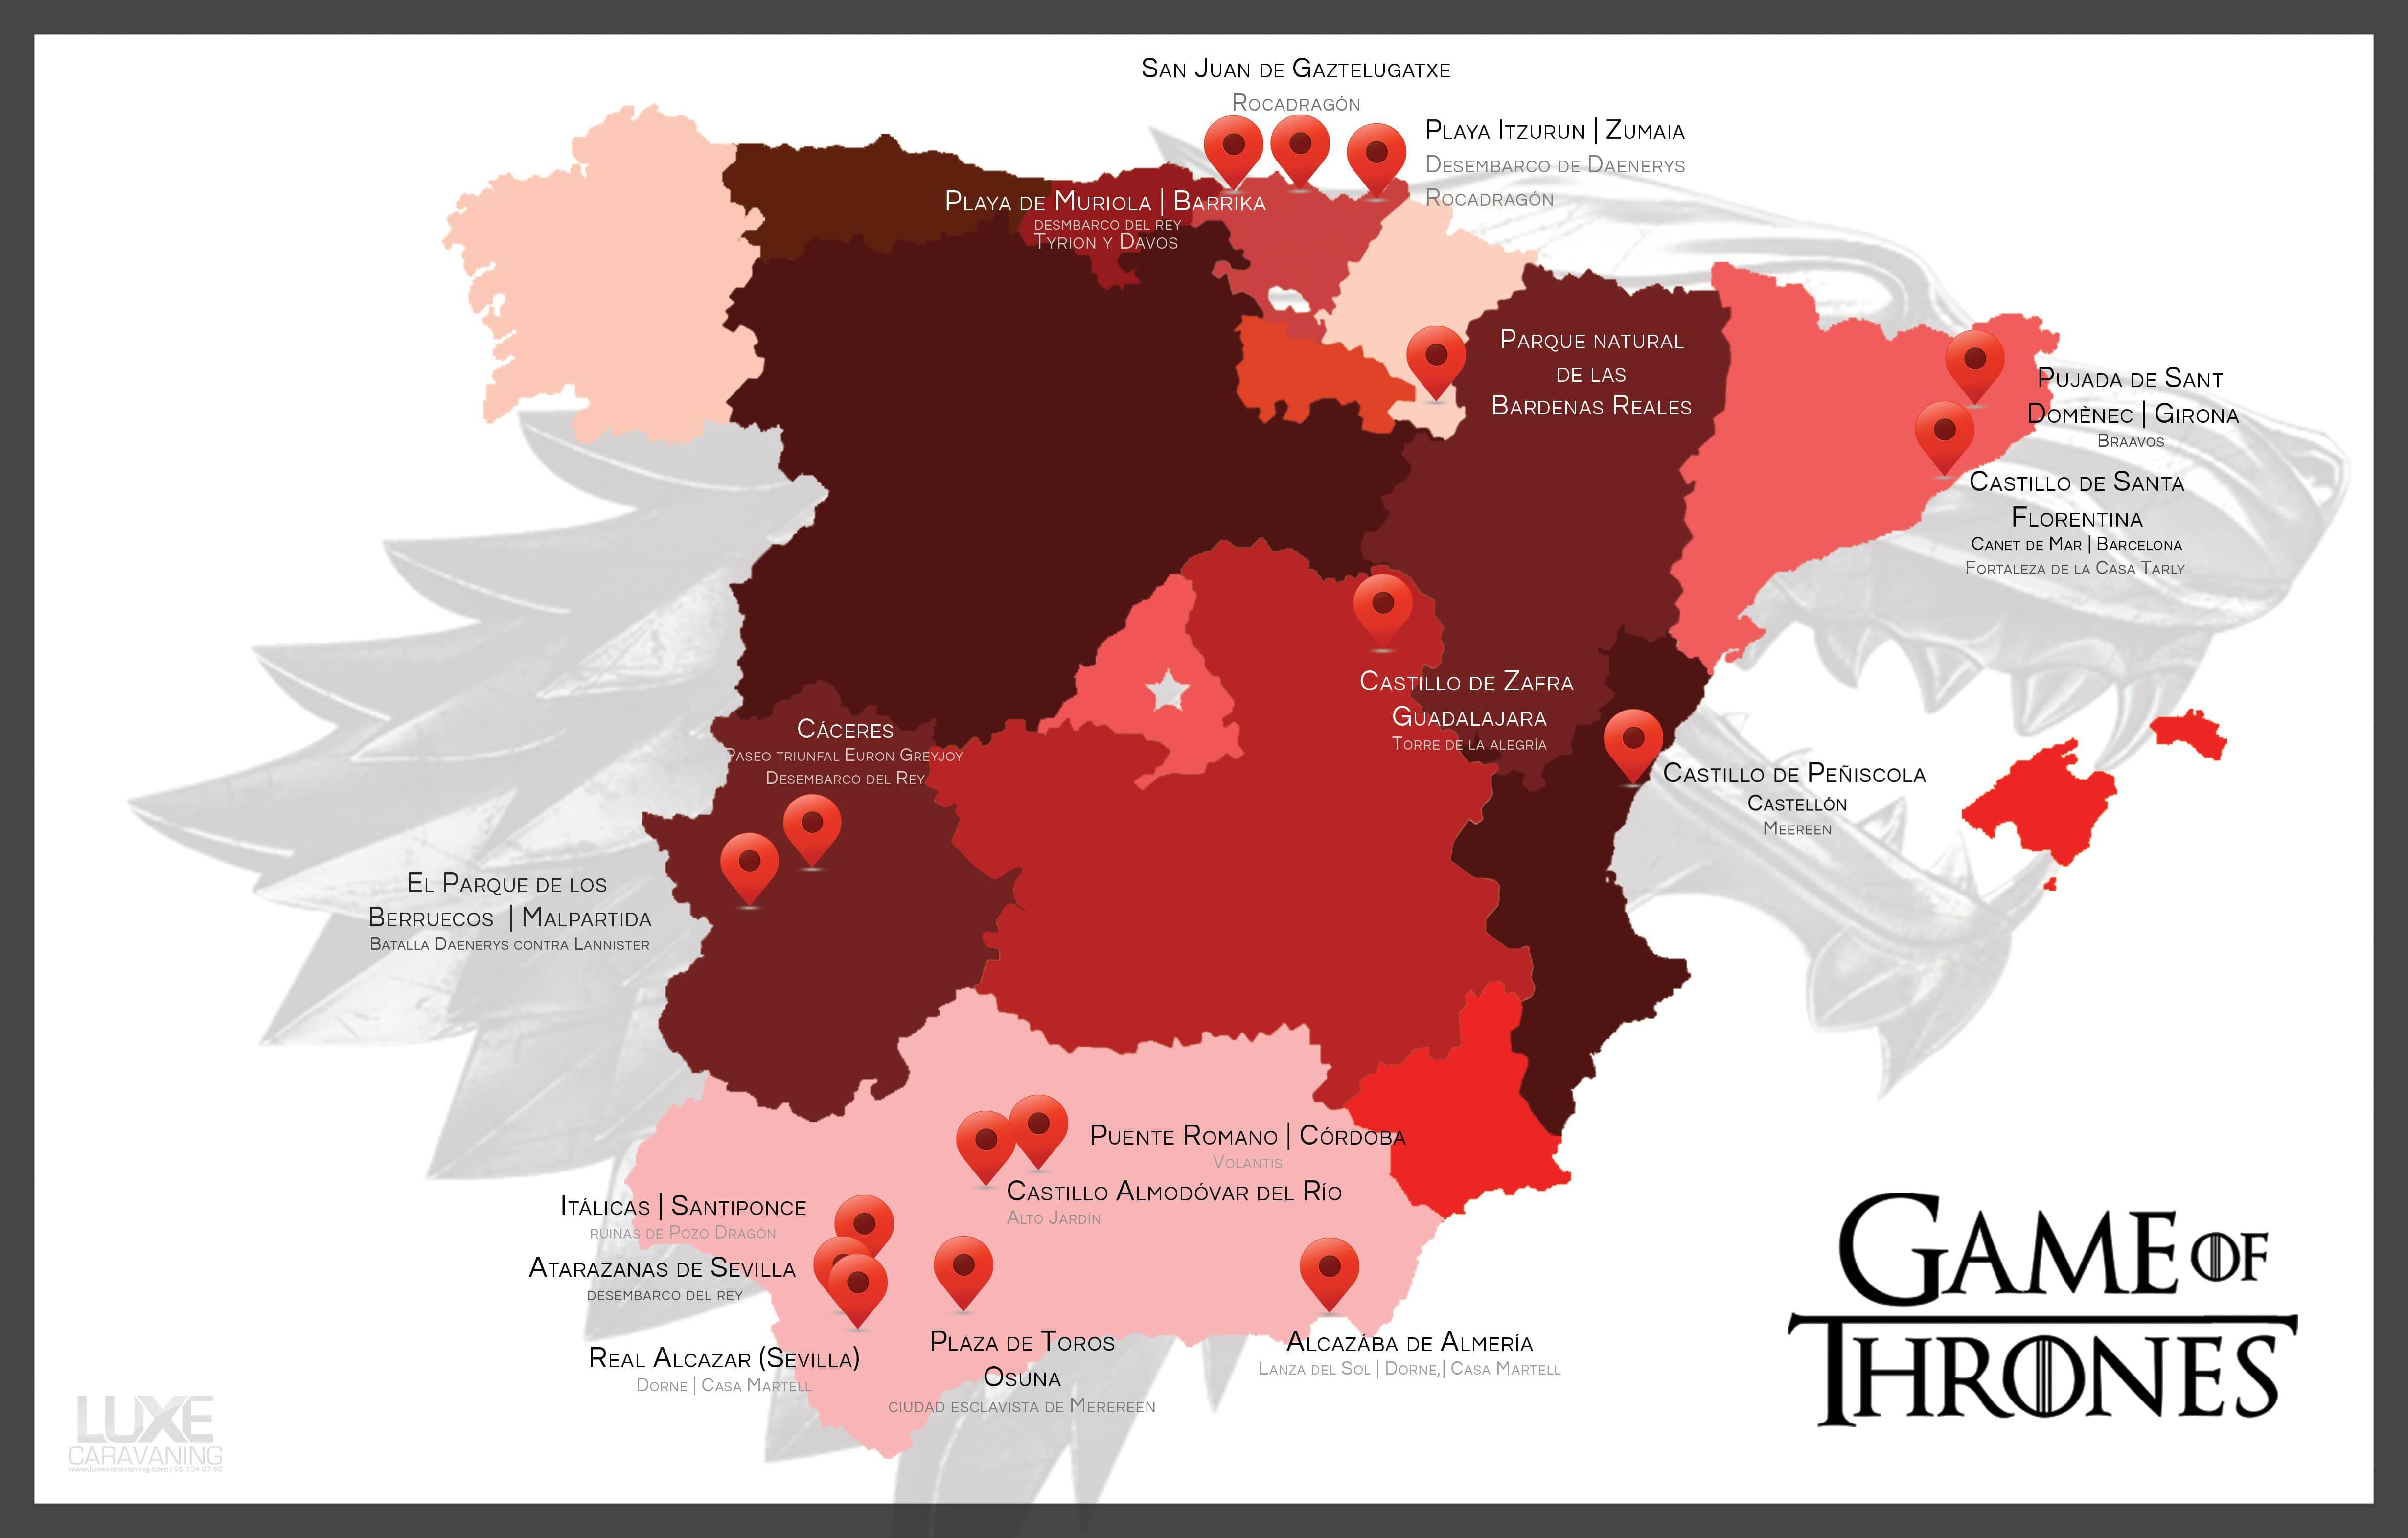 Mapa de todos los escenarios de Juego de Tronos en España